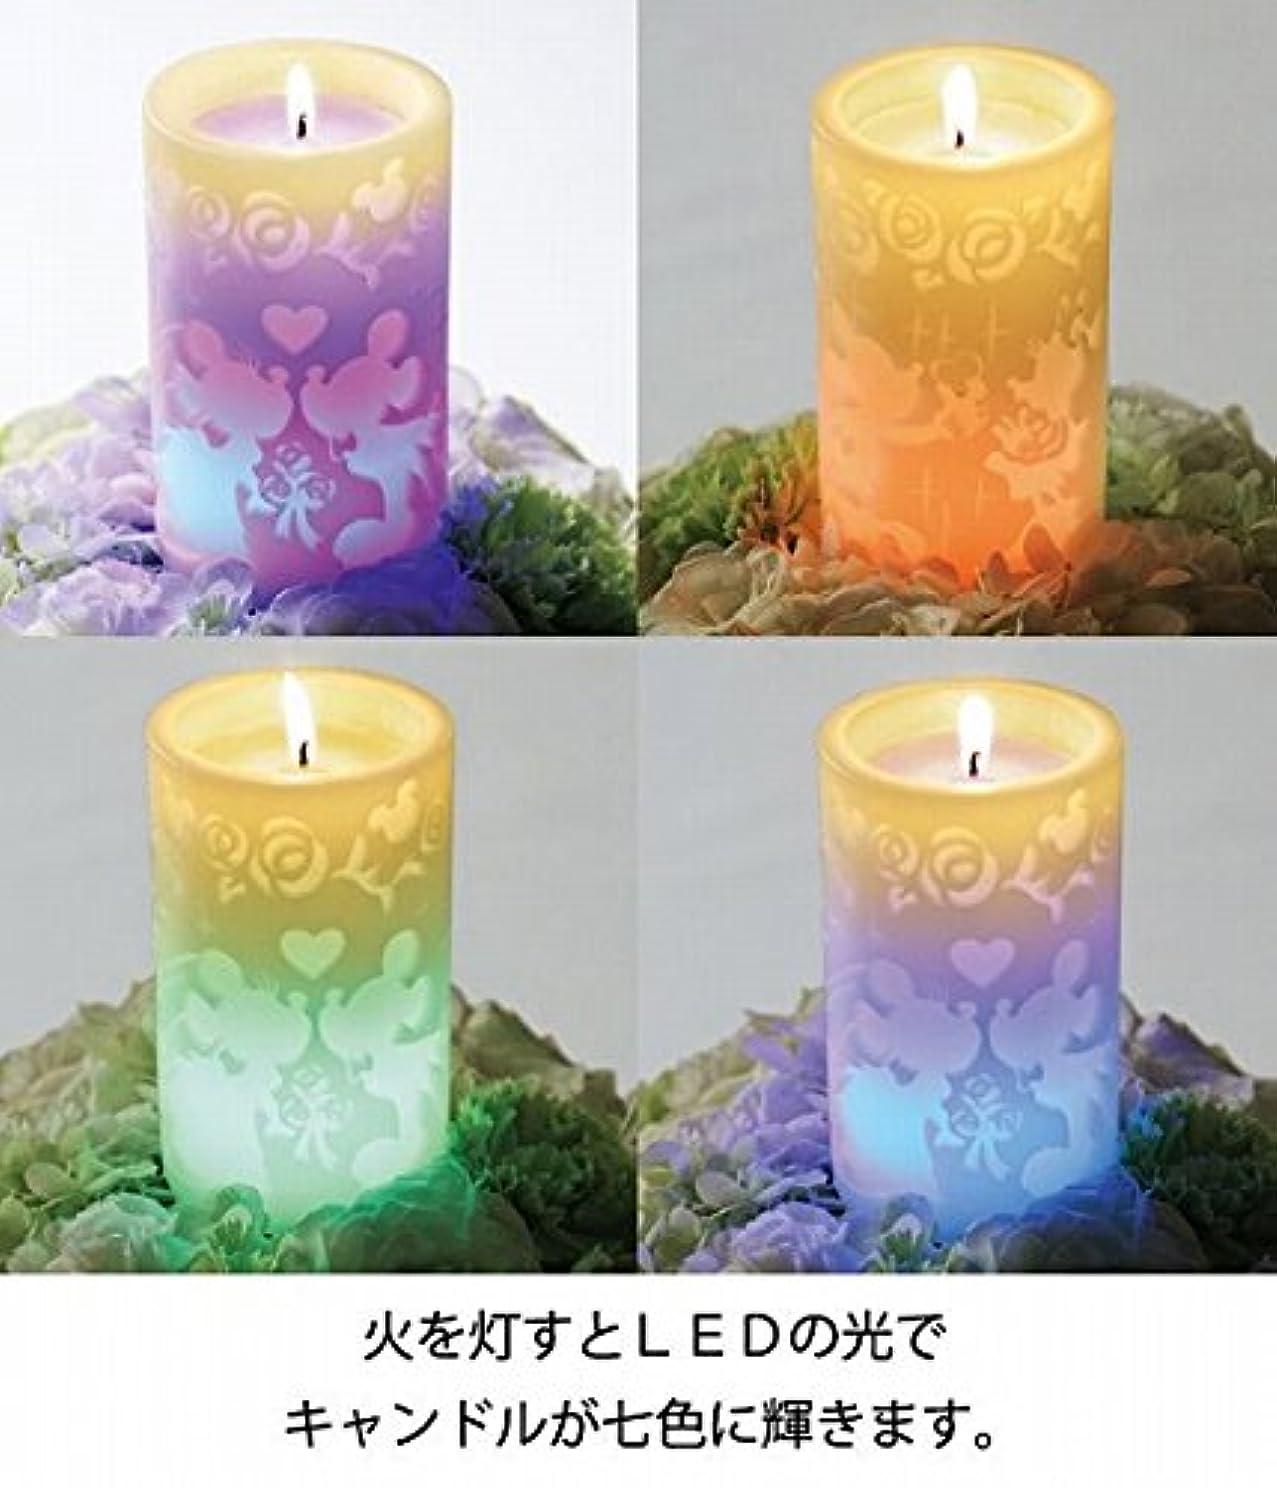 租界変換するあいさつkameyama candle(カメヤマキャンドル) ミッキー&ミニーLEDピラー(A4970000)